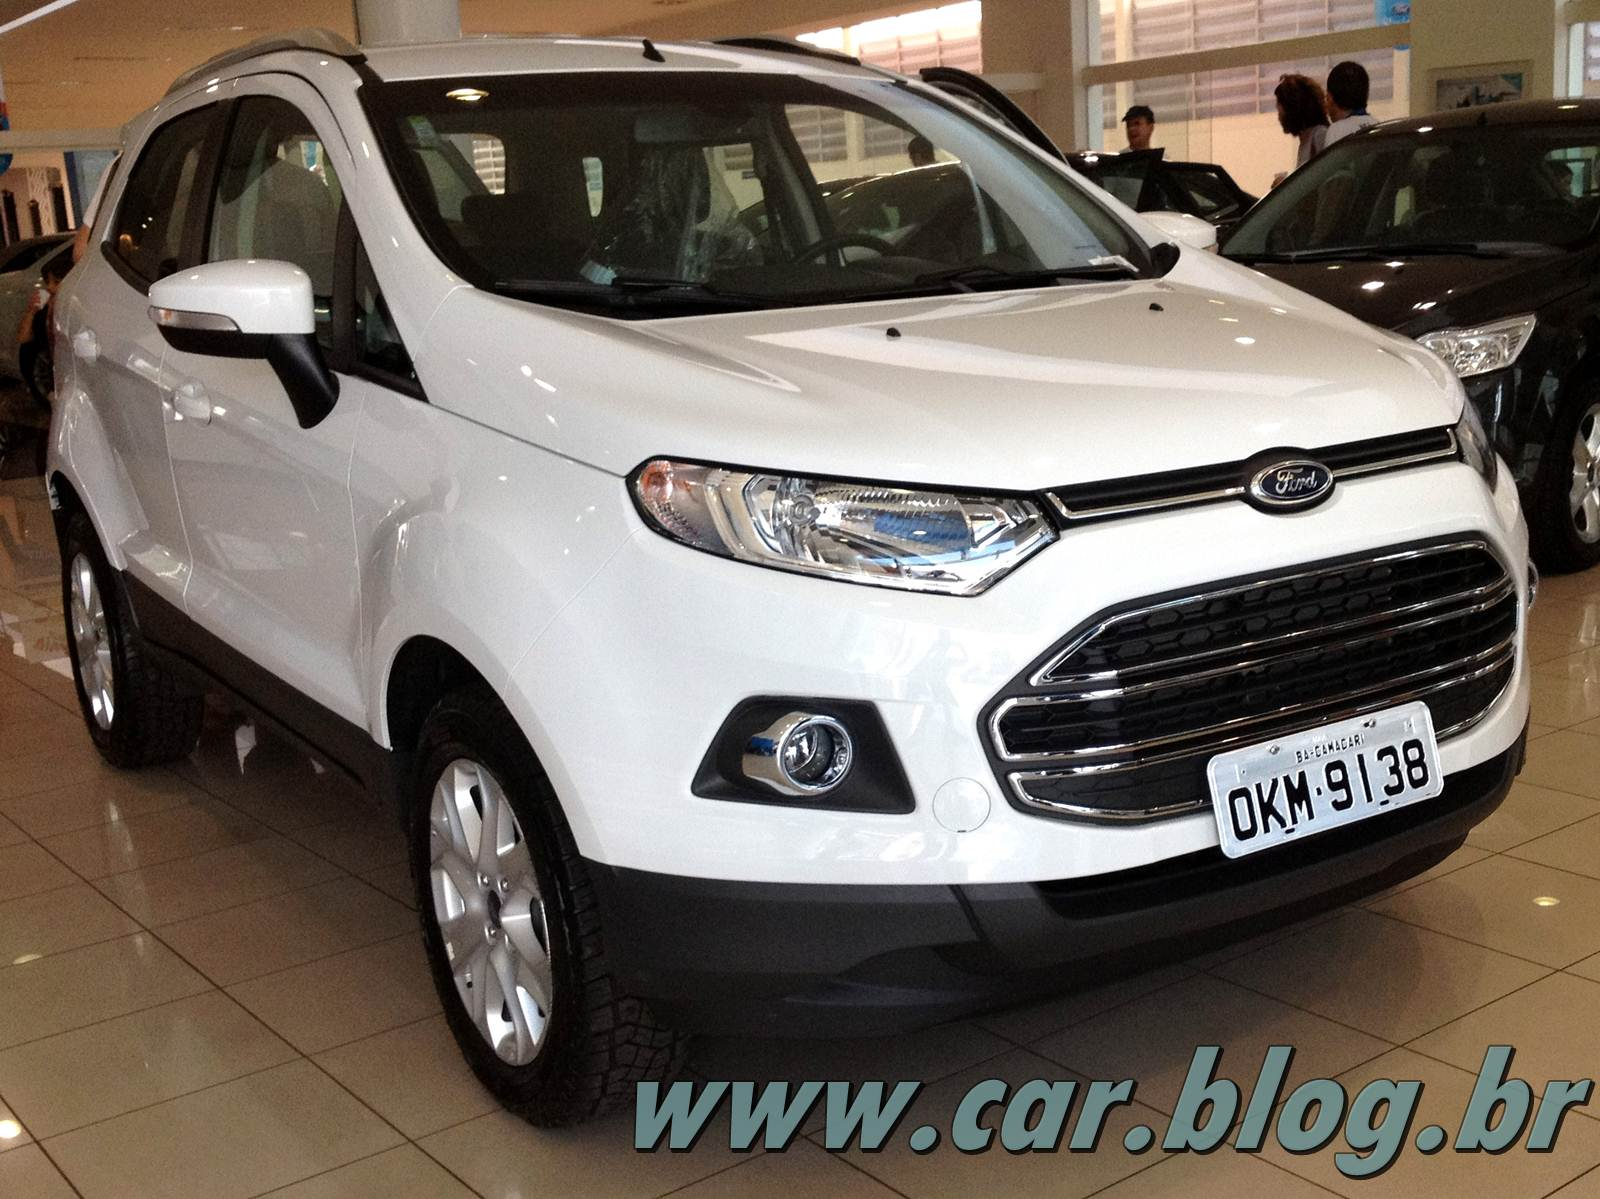 Novo EcoSport 2013 fotos preo consumo e especificaes  CAR